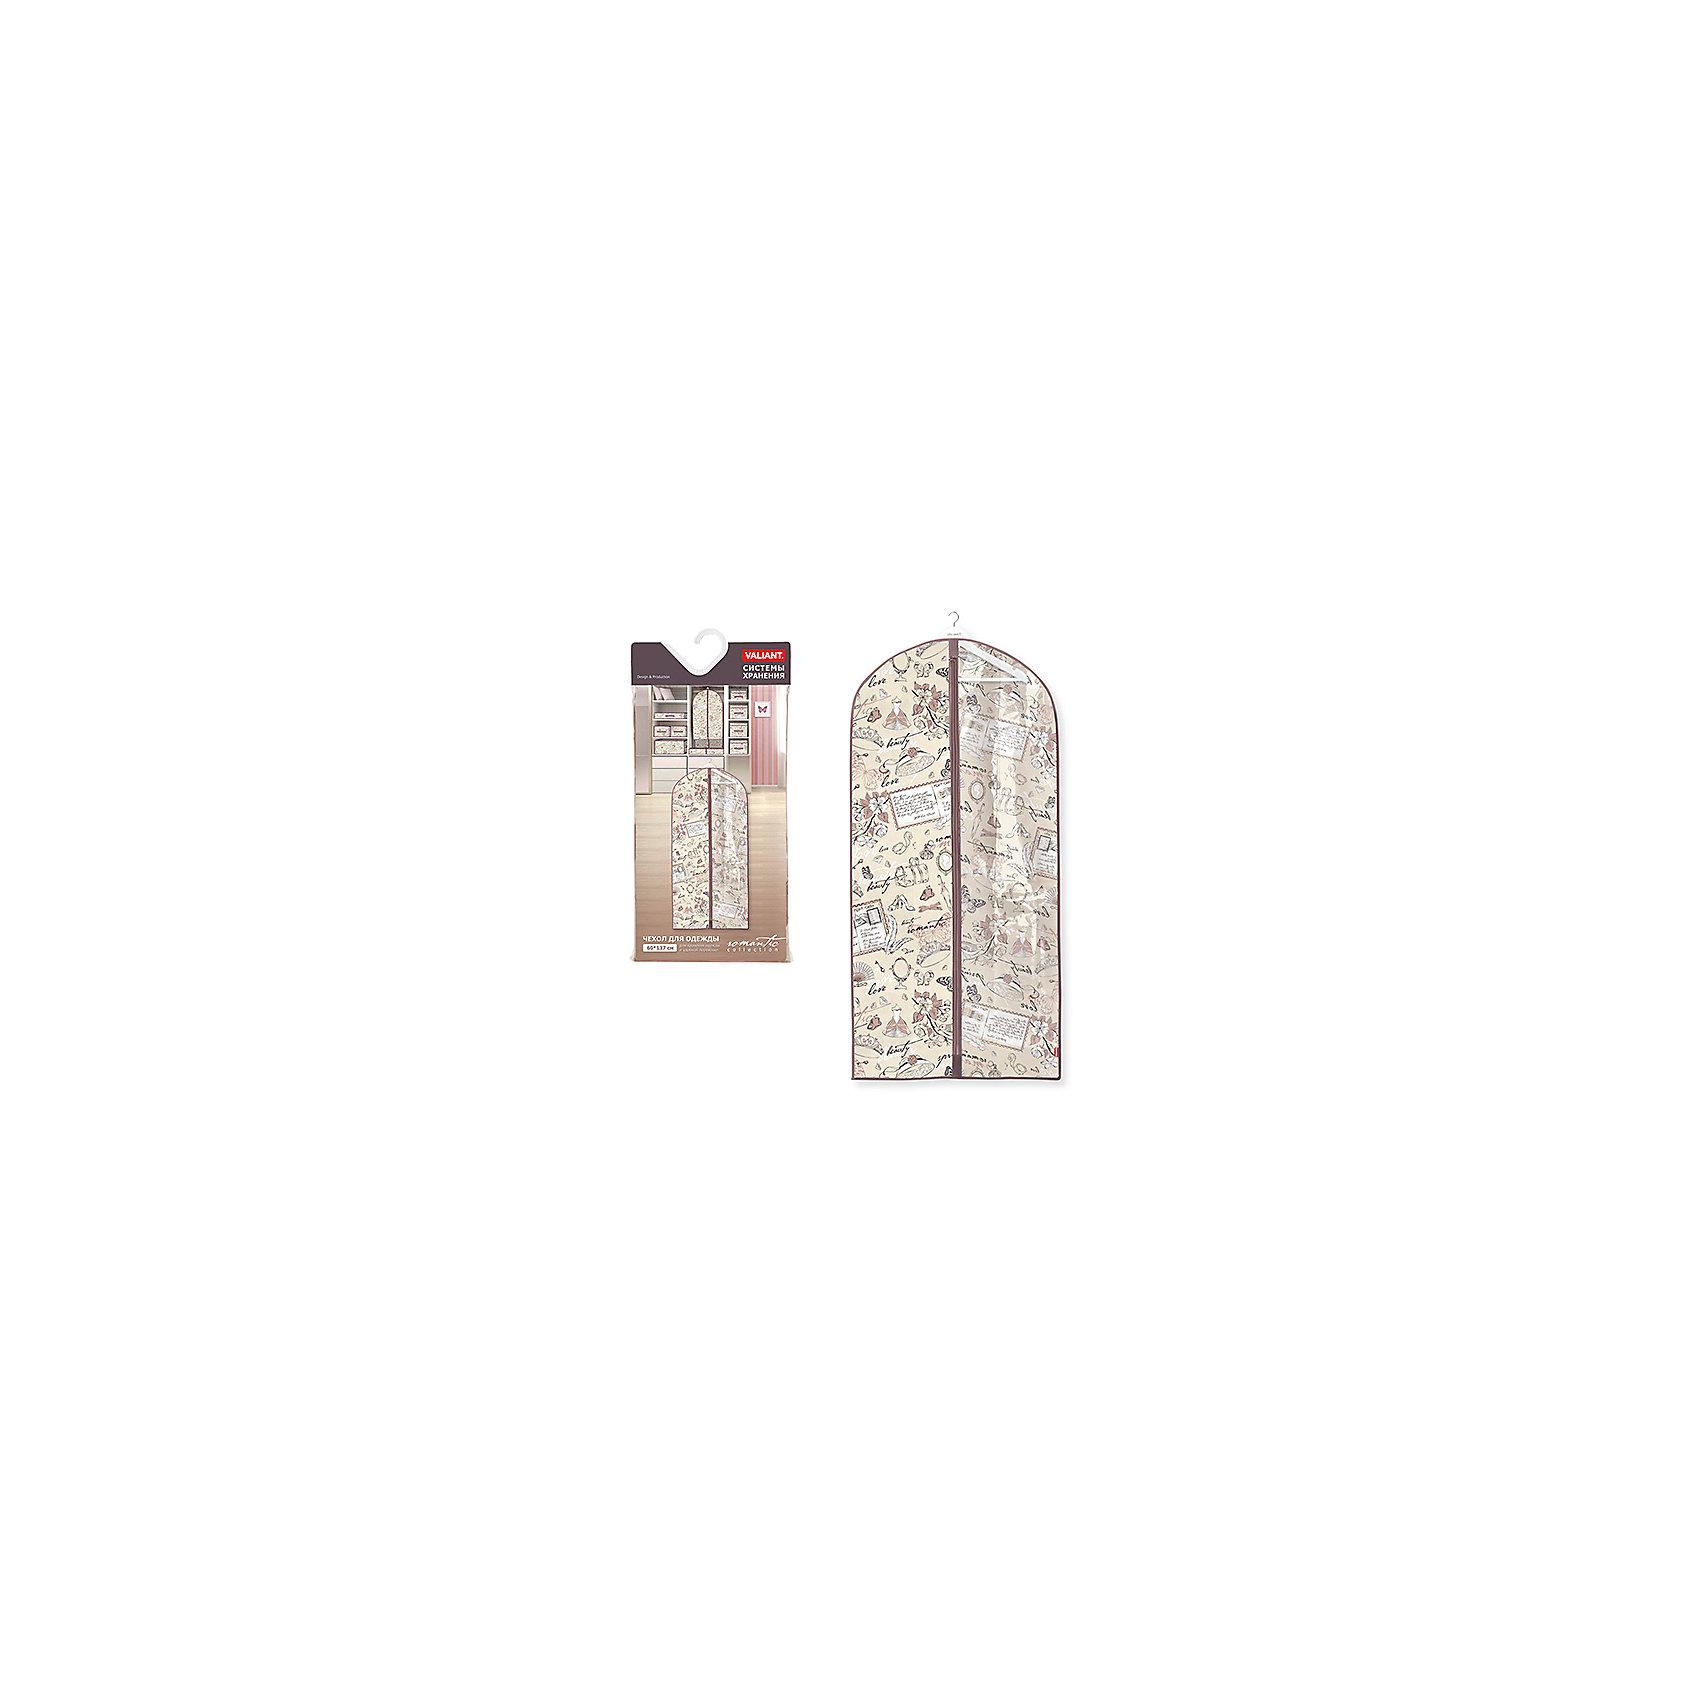 Чехол для одежды с прозрачной вставкой, большой, 60*137 см, ROMANTIC, Valiant